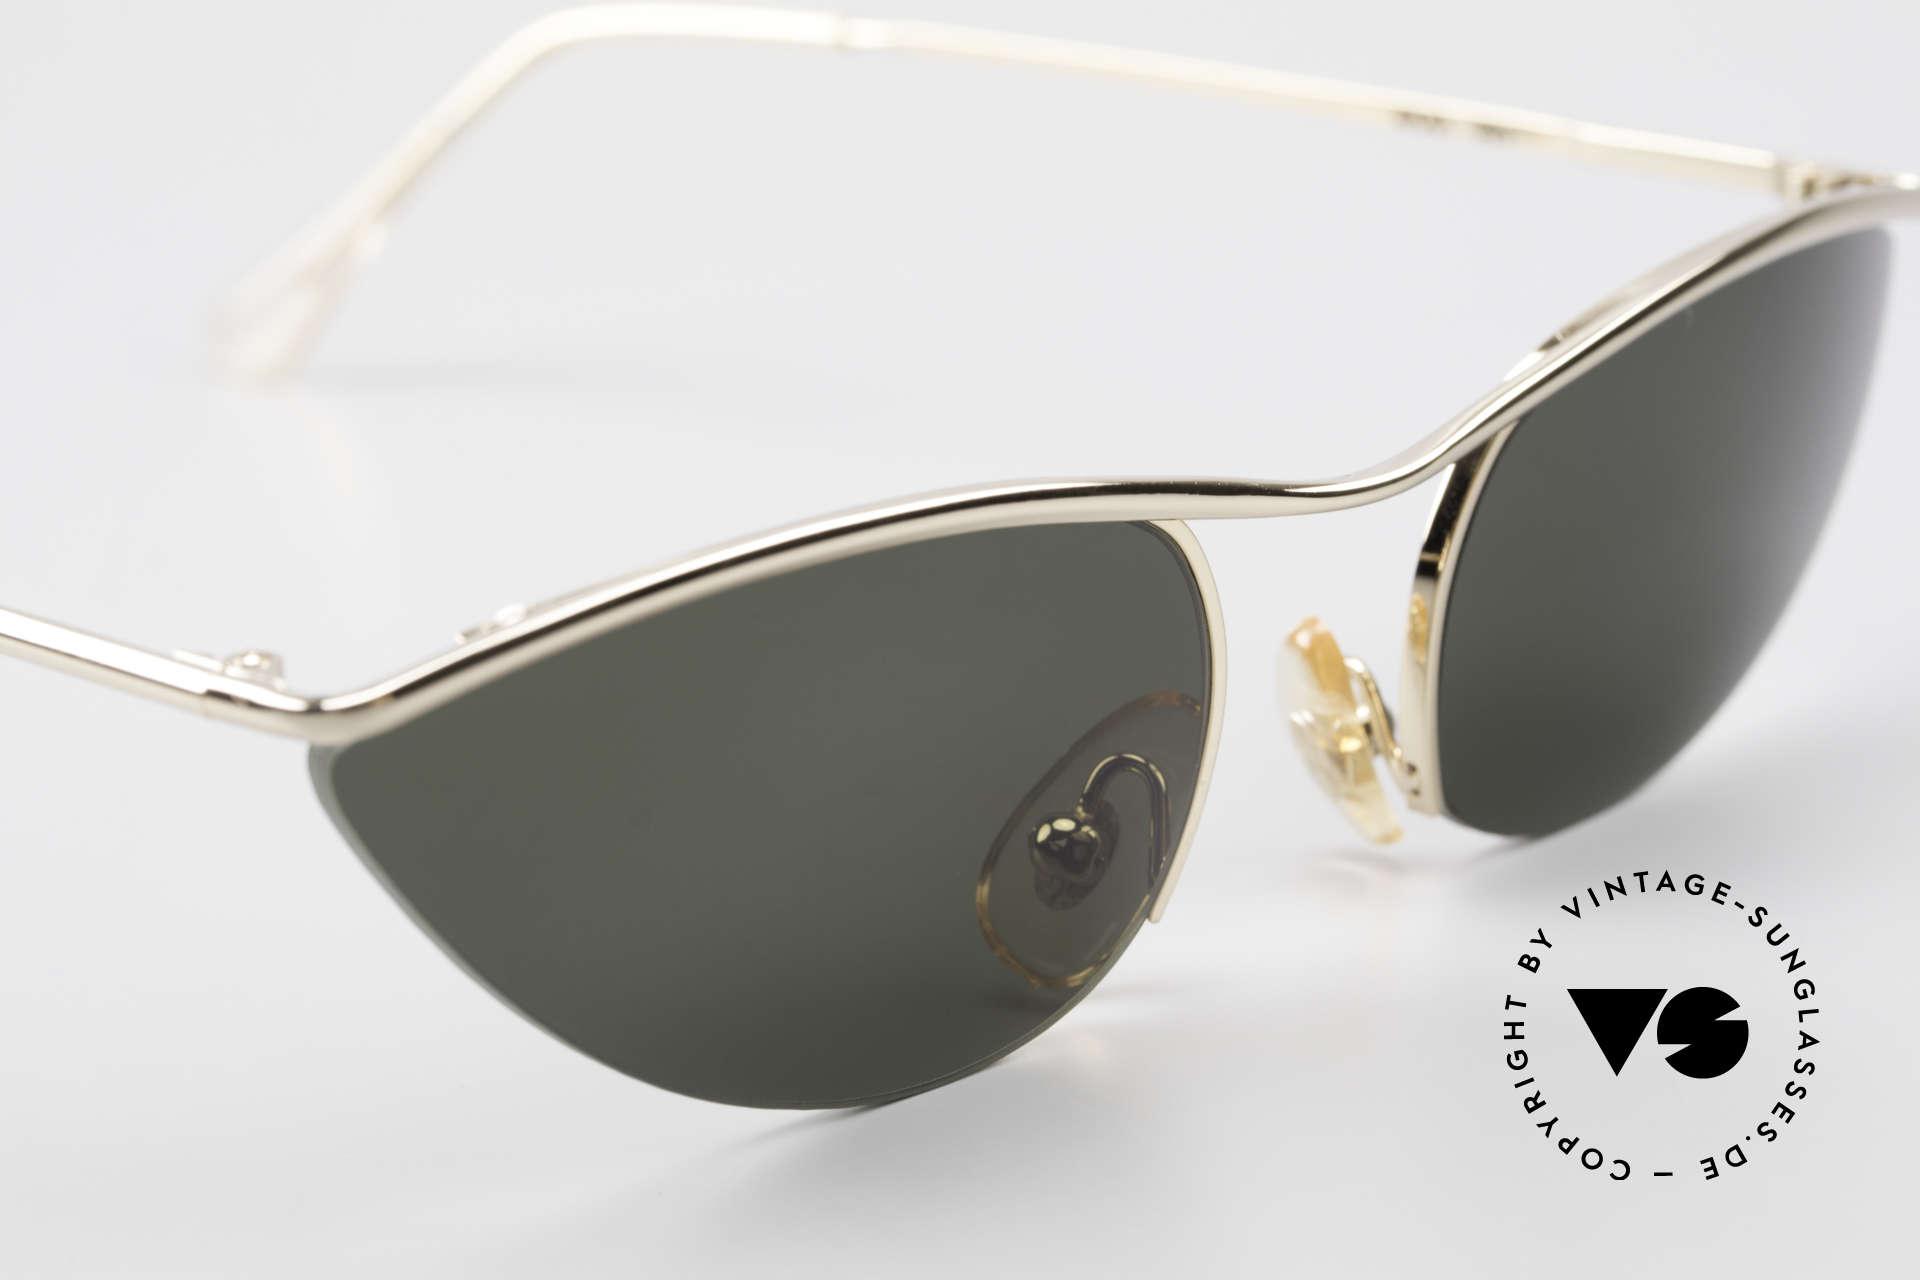 Cutler And Gross 0359 Cateye Designer Sonnenbrille, KEINE Retrobrille, sondern ein 20 Jahre altes Original!, Passend für Damen